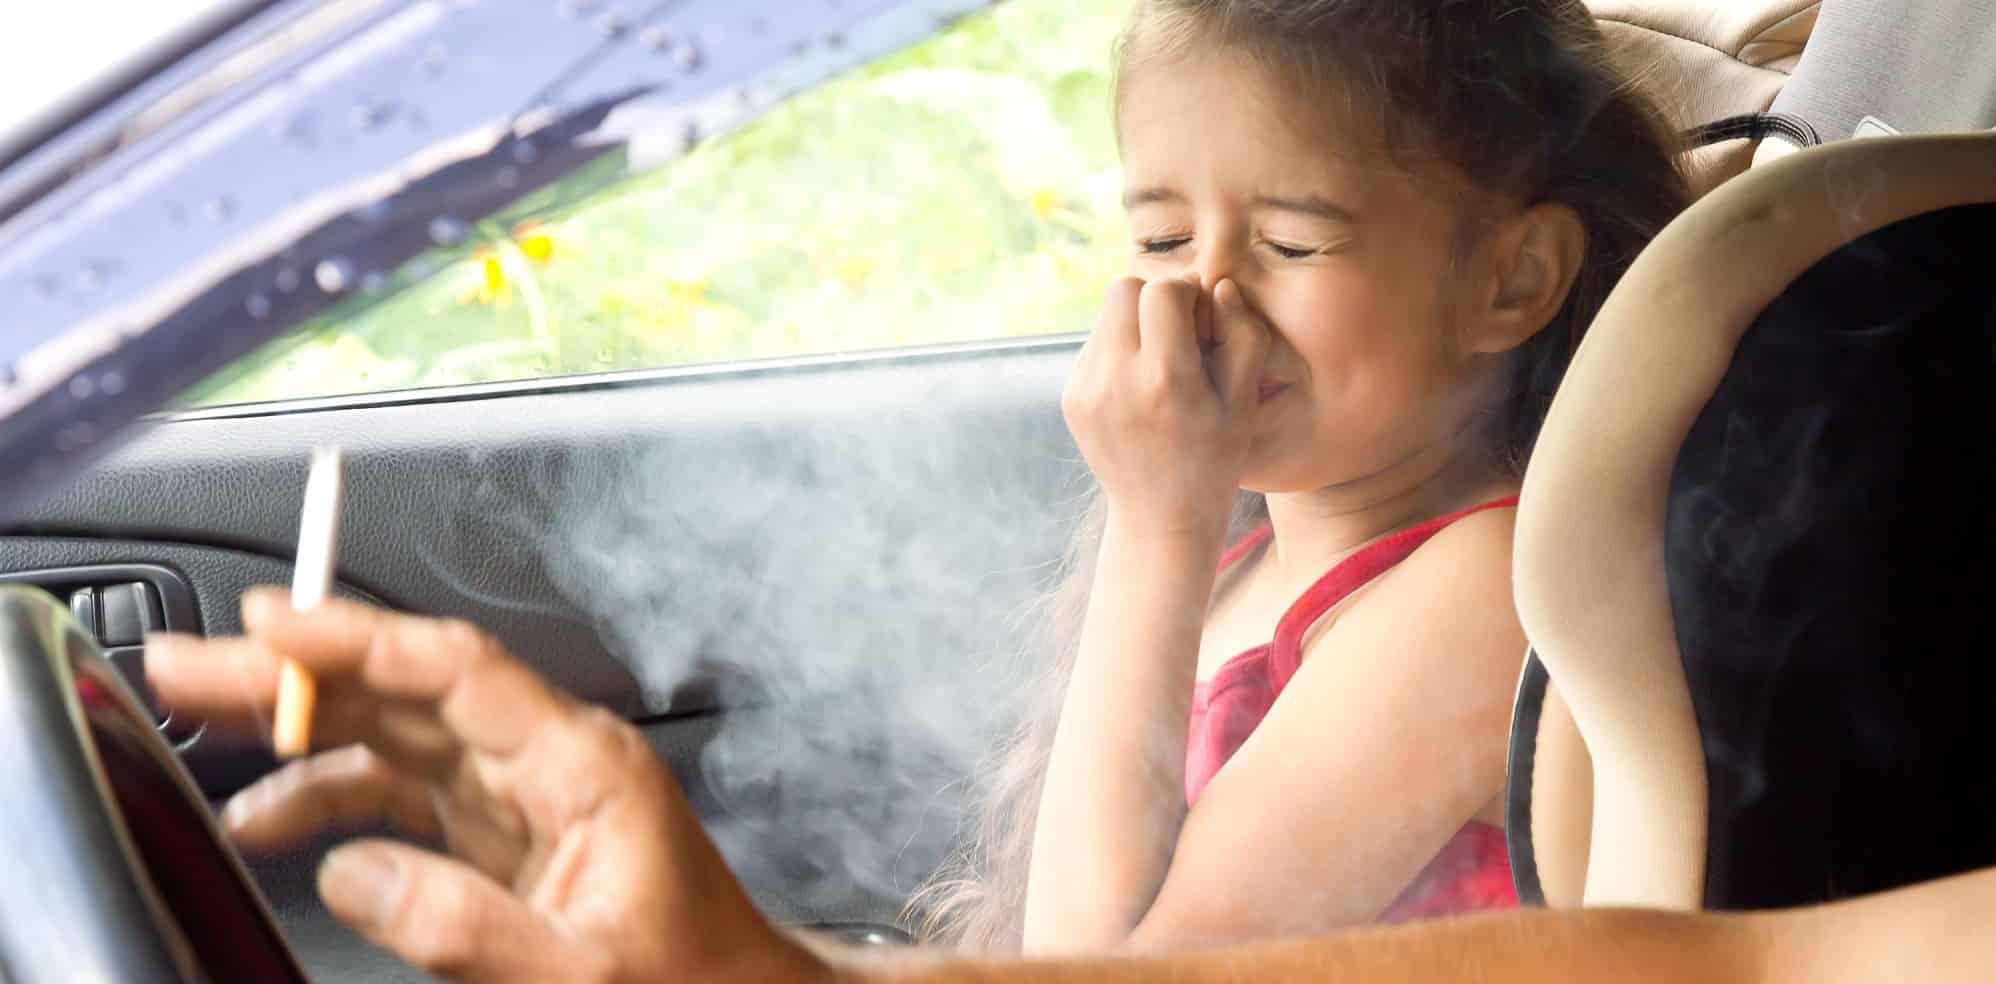 maatregelen tegen roken